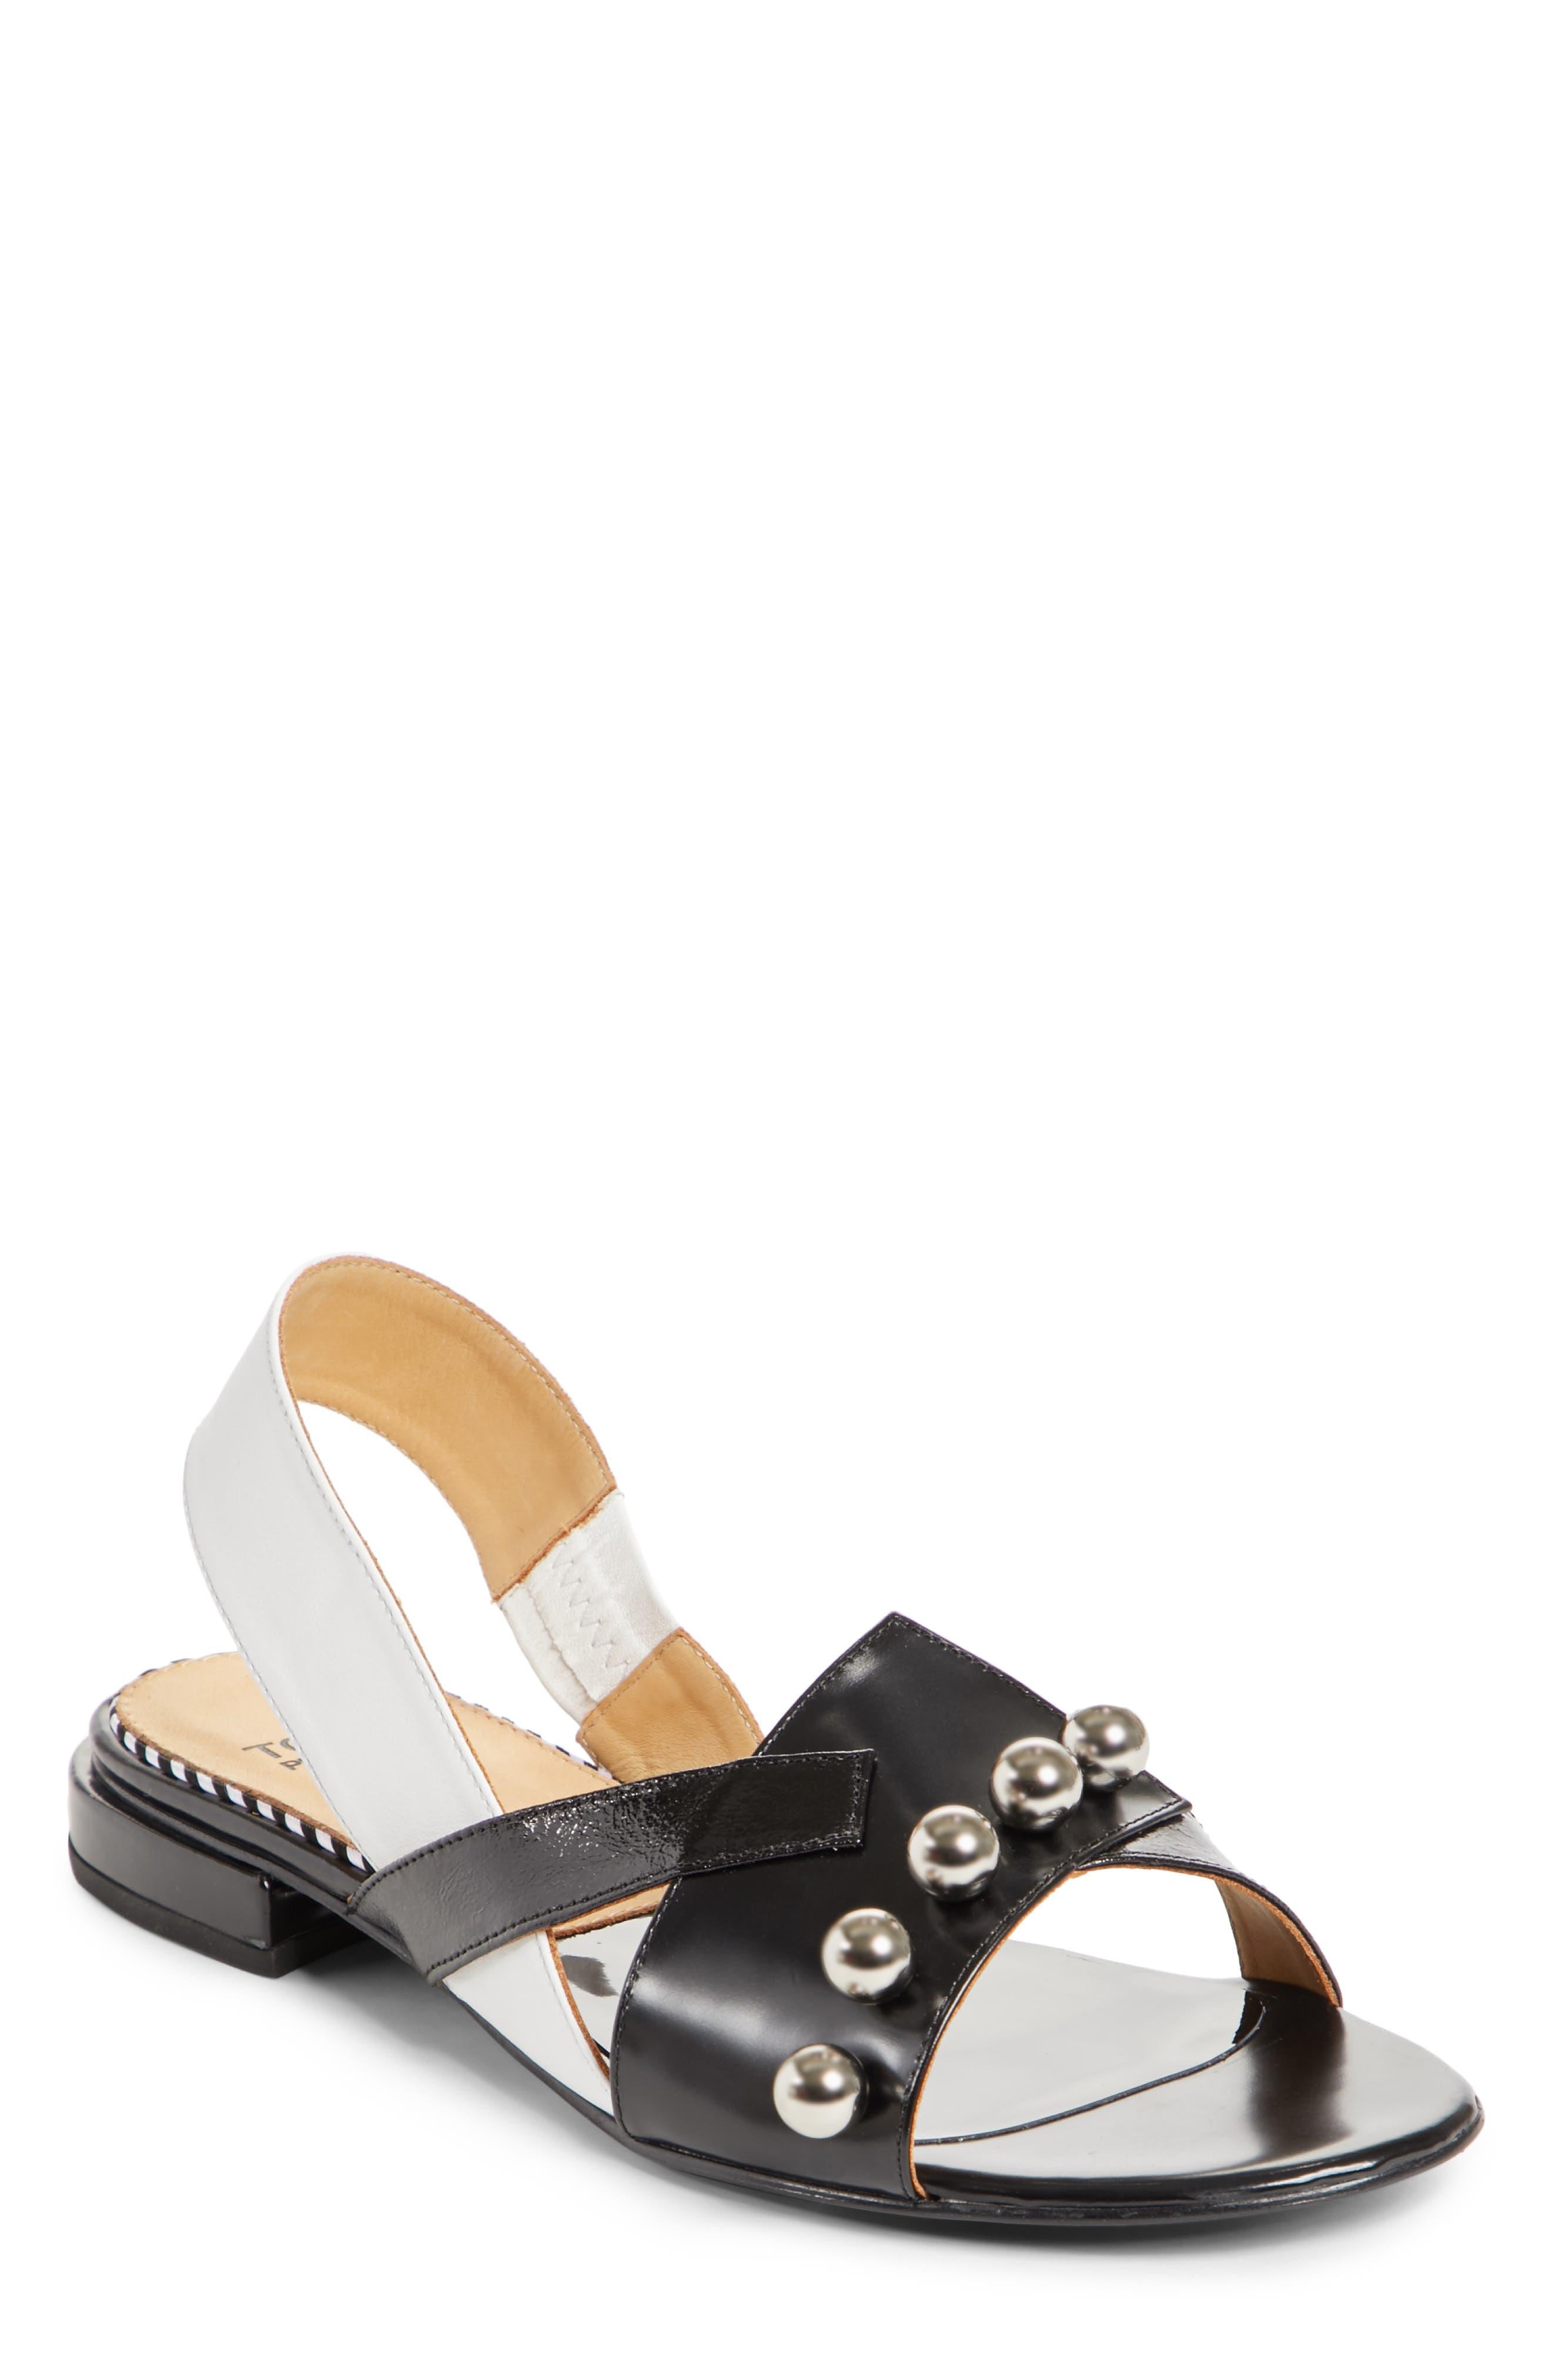 Alternate Image 1 Selected - TOGA PULLA Embellished Colorblock Slingback Sandal (Women)